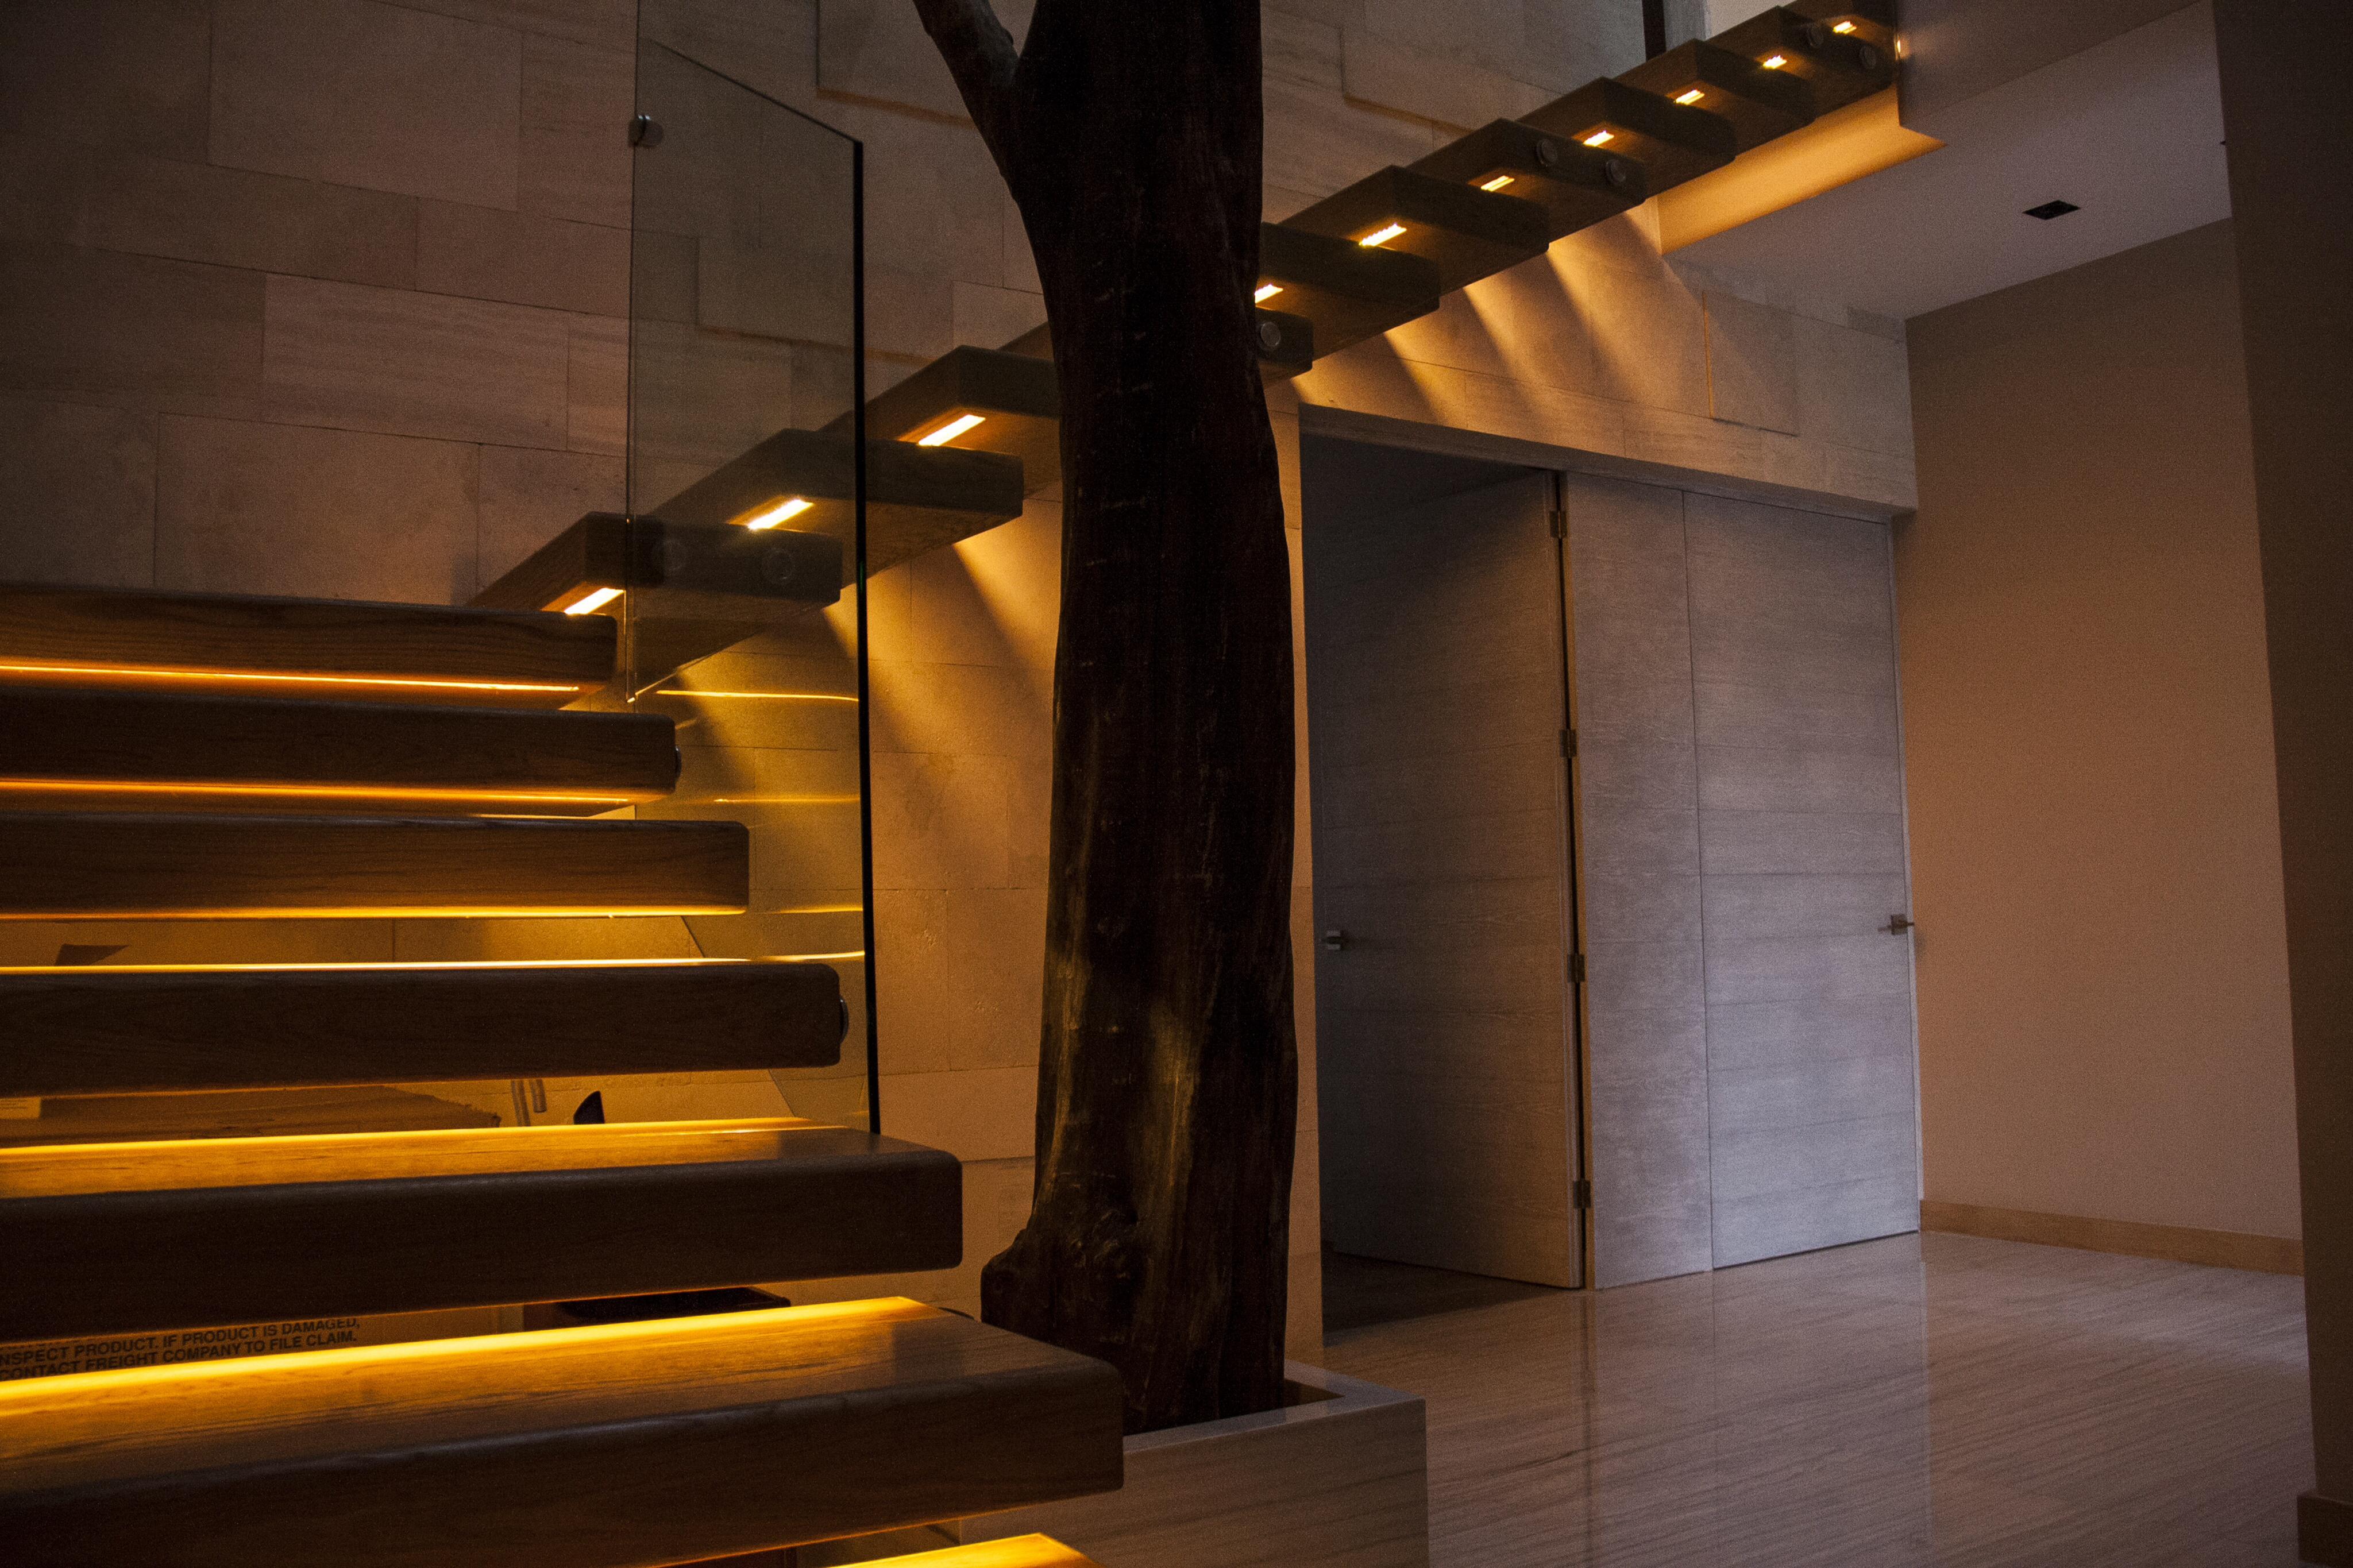 Dise o de iluminaci n con el software dialux seed studio for Diseno de iluminacion de interiores